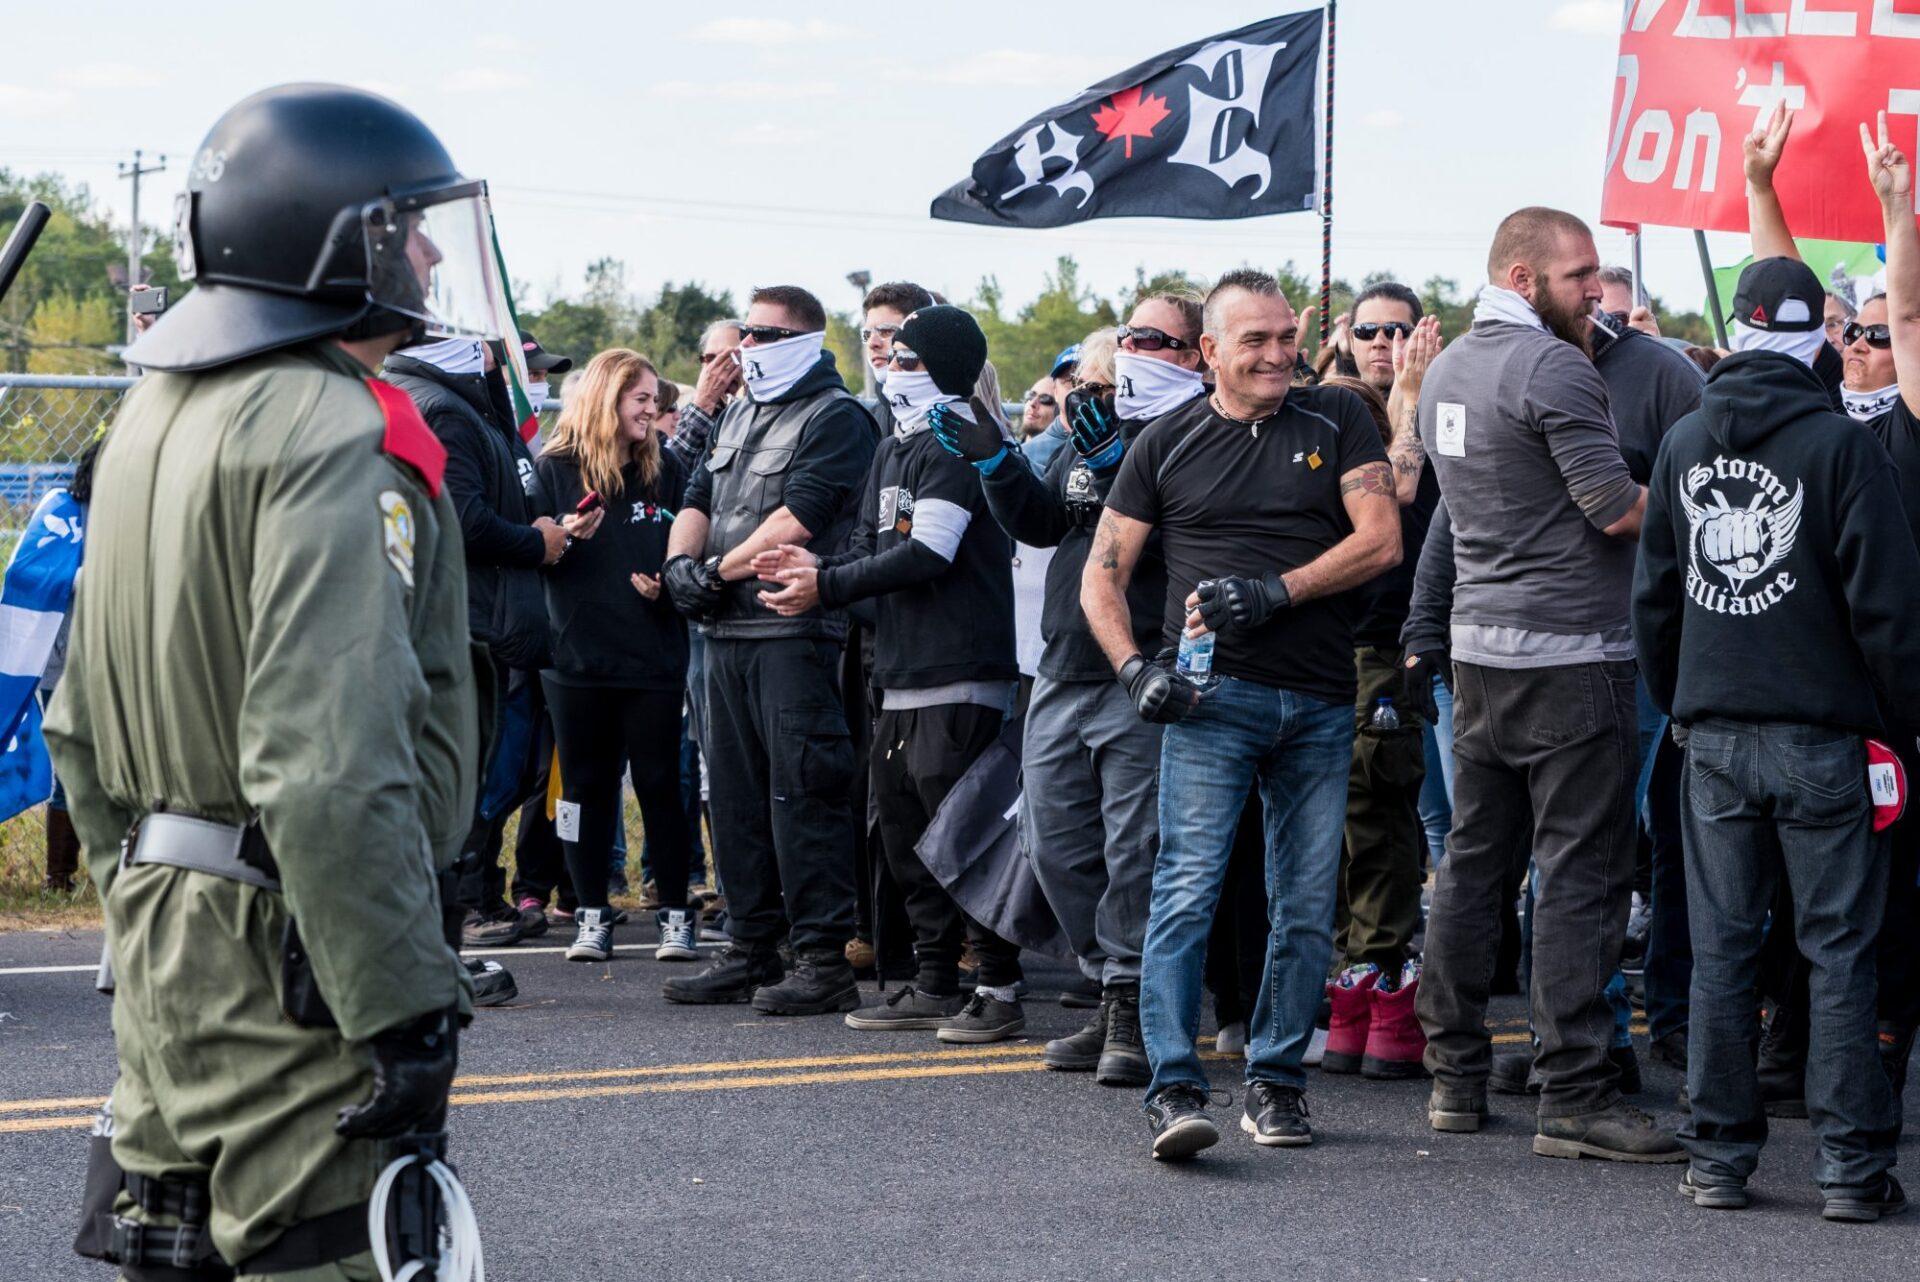 Plusieurs figures connues du groupe d'extrême droite étaient présentes sur place   Photo: Martin Ouellet-Diotte  Montréal Campus